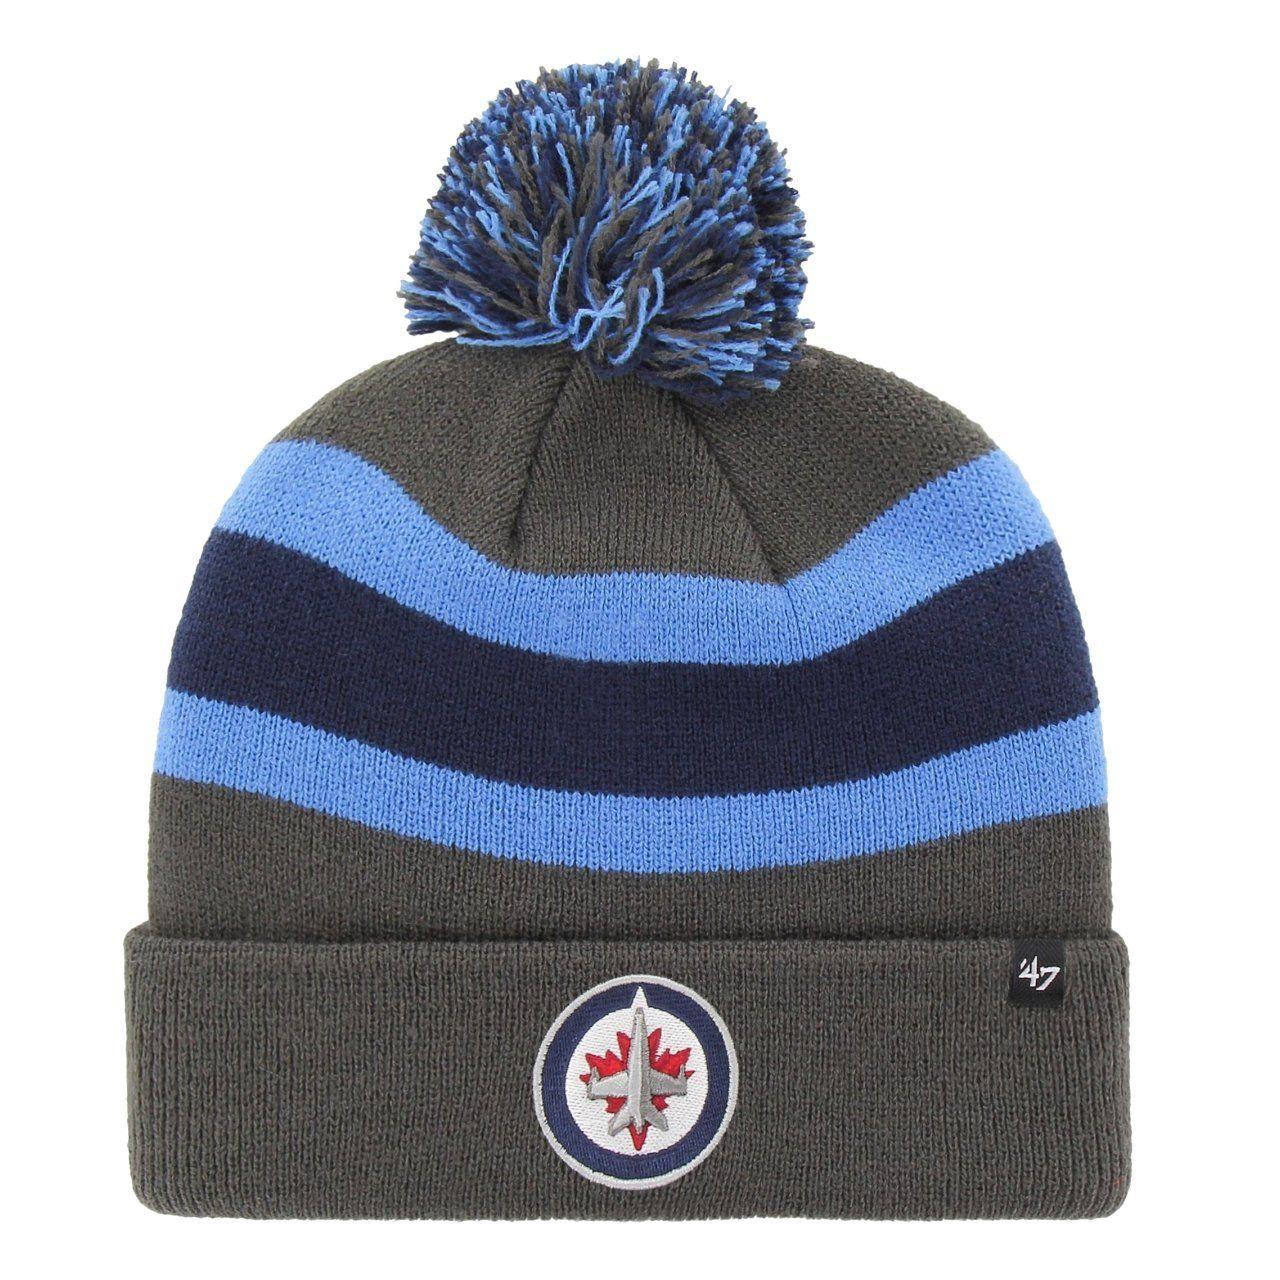 amfoo - 47 Brand Strick Winter Mütze - BREAKAWAY Winnipeg Jets